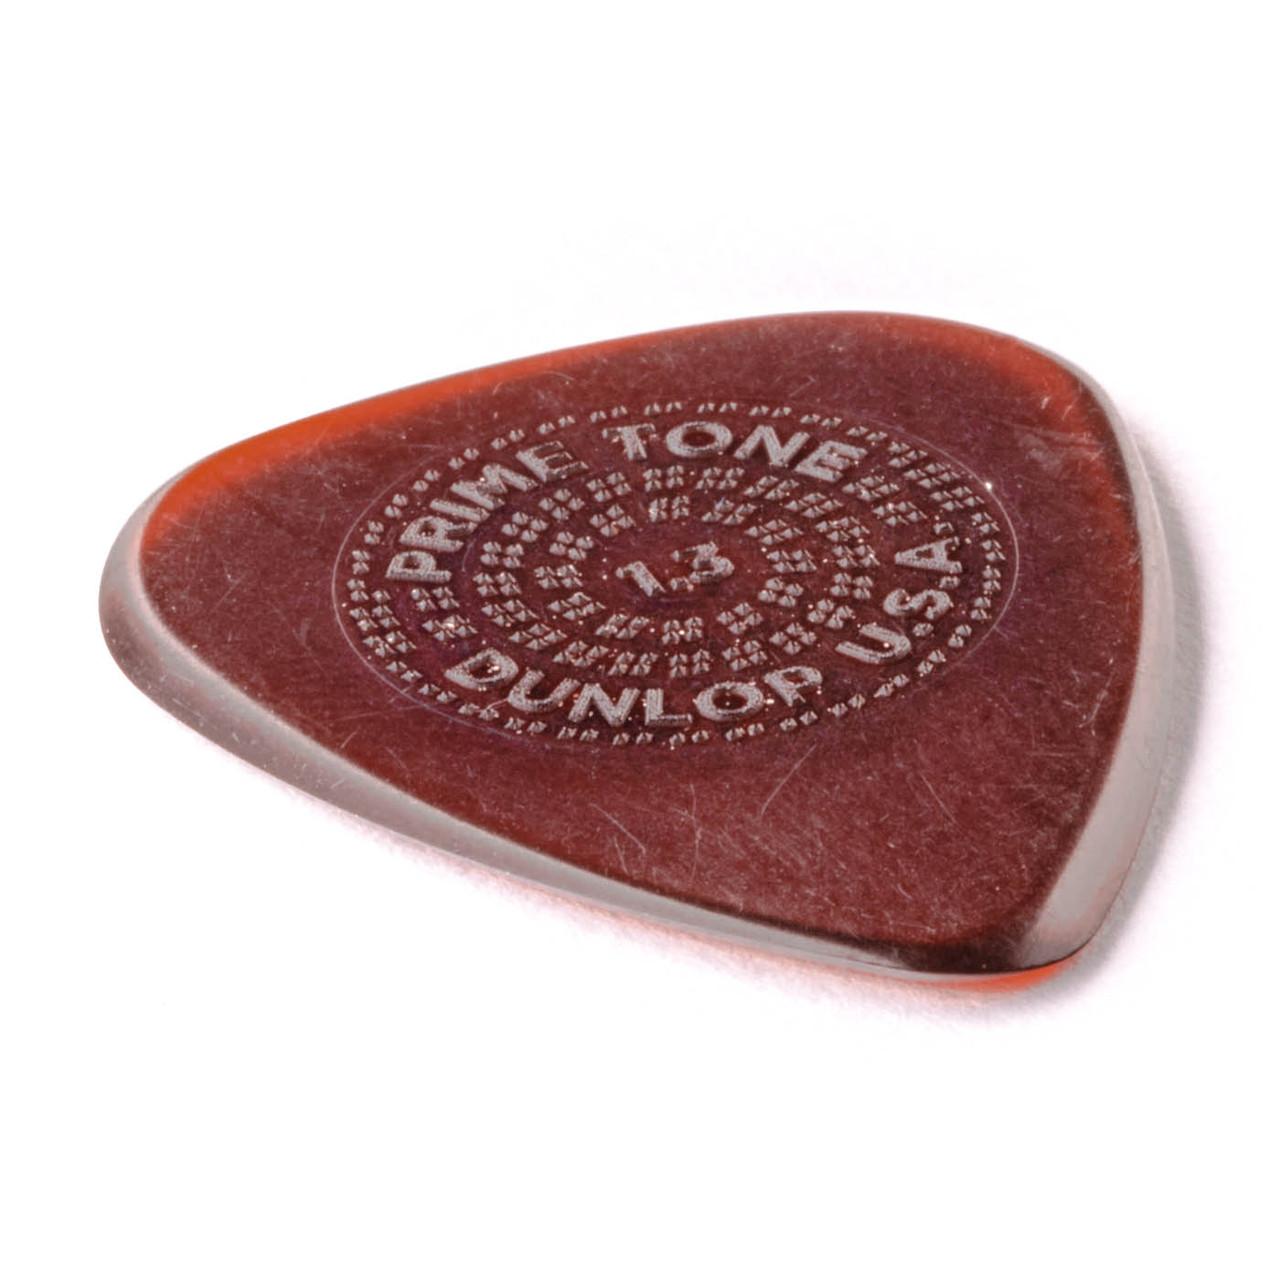 Dunlop Primetone Standard Shape 12-Pack 1.3 mm